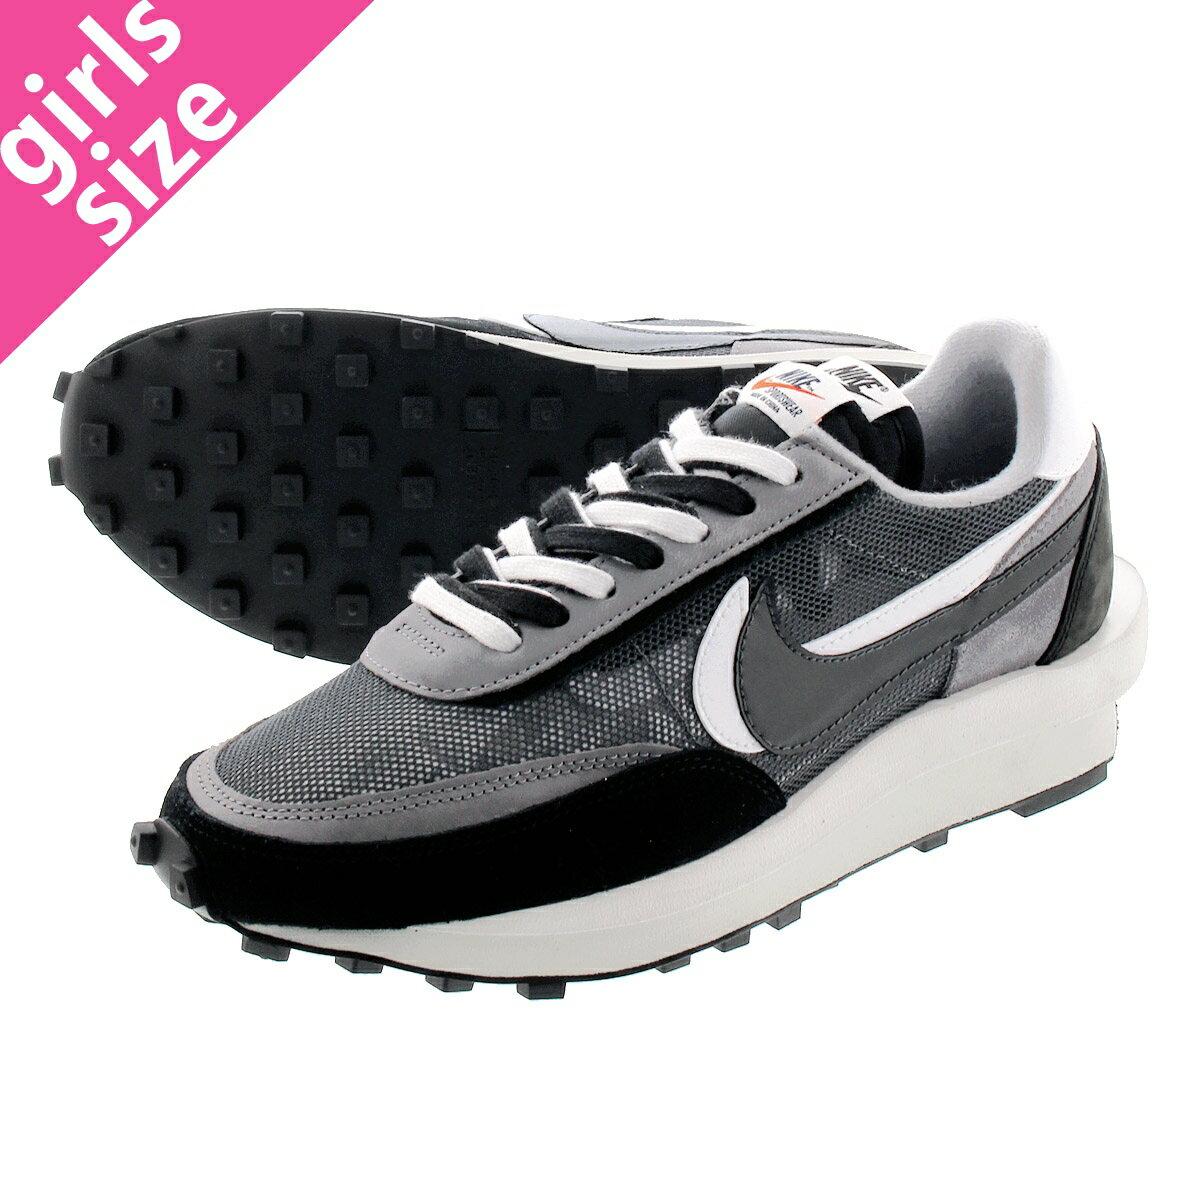 レディース靴, スニーカー sacai x NIKE LD WAFFLE x LD BLACKANTHRACITEWHITE bv0073-001